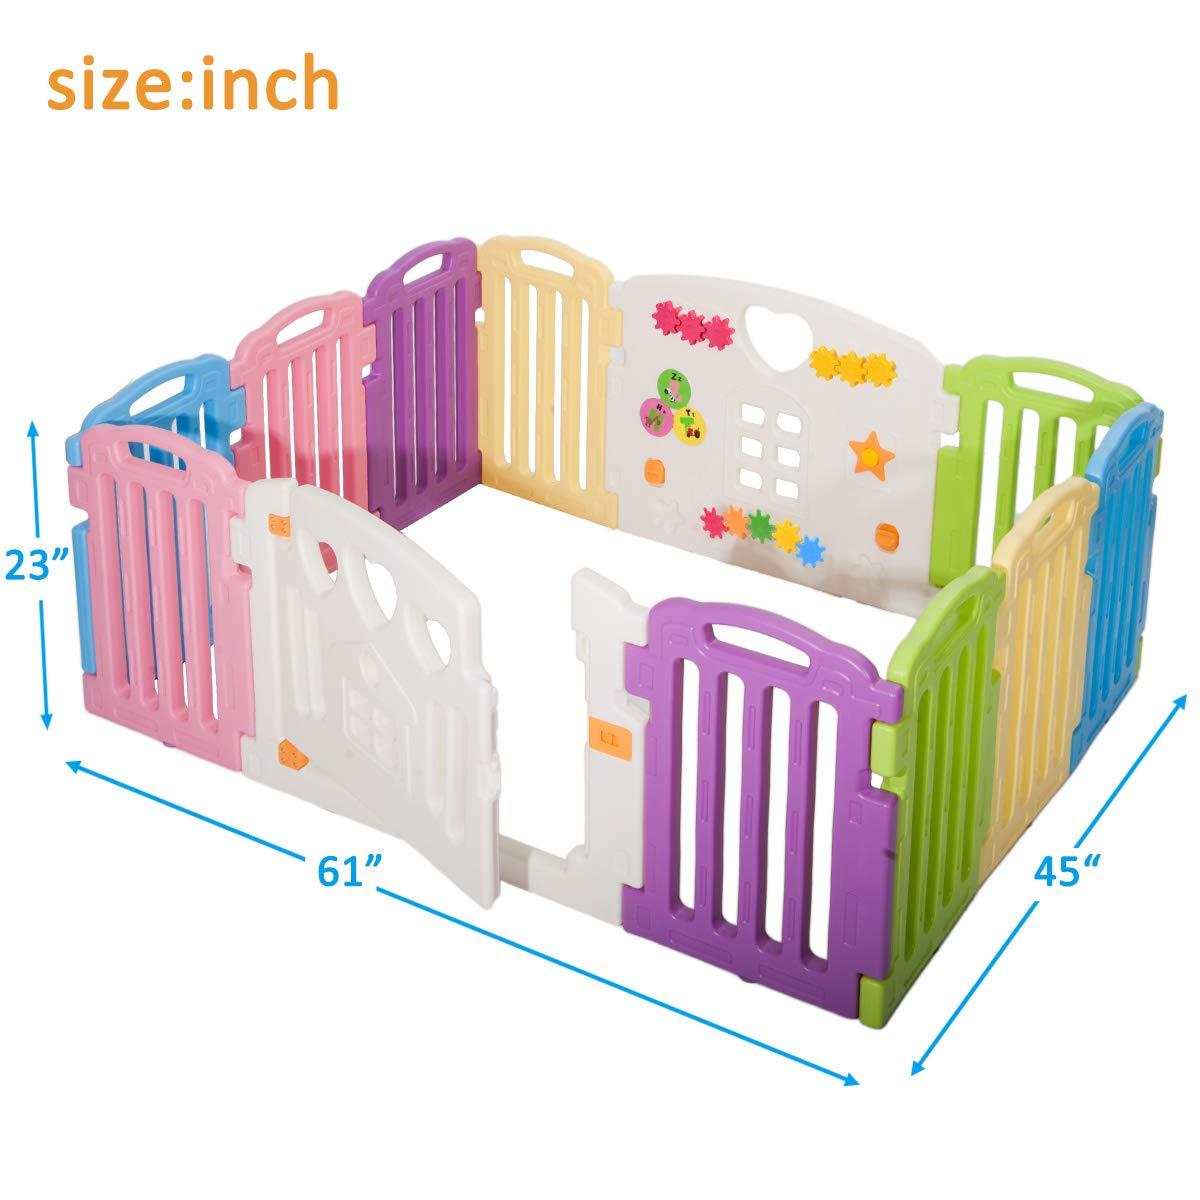 Harper Bright Designs DreamHouse Kiddie Playpen Home Baby Safety Playards Greek Style